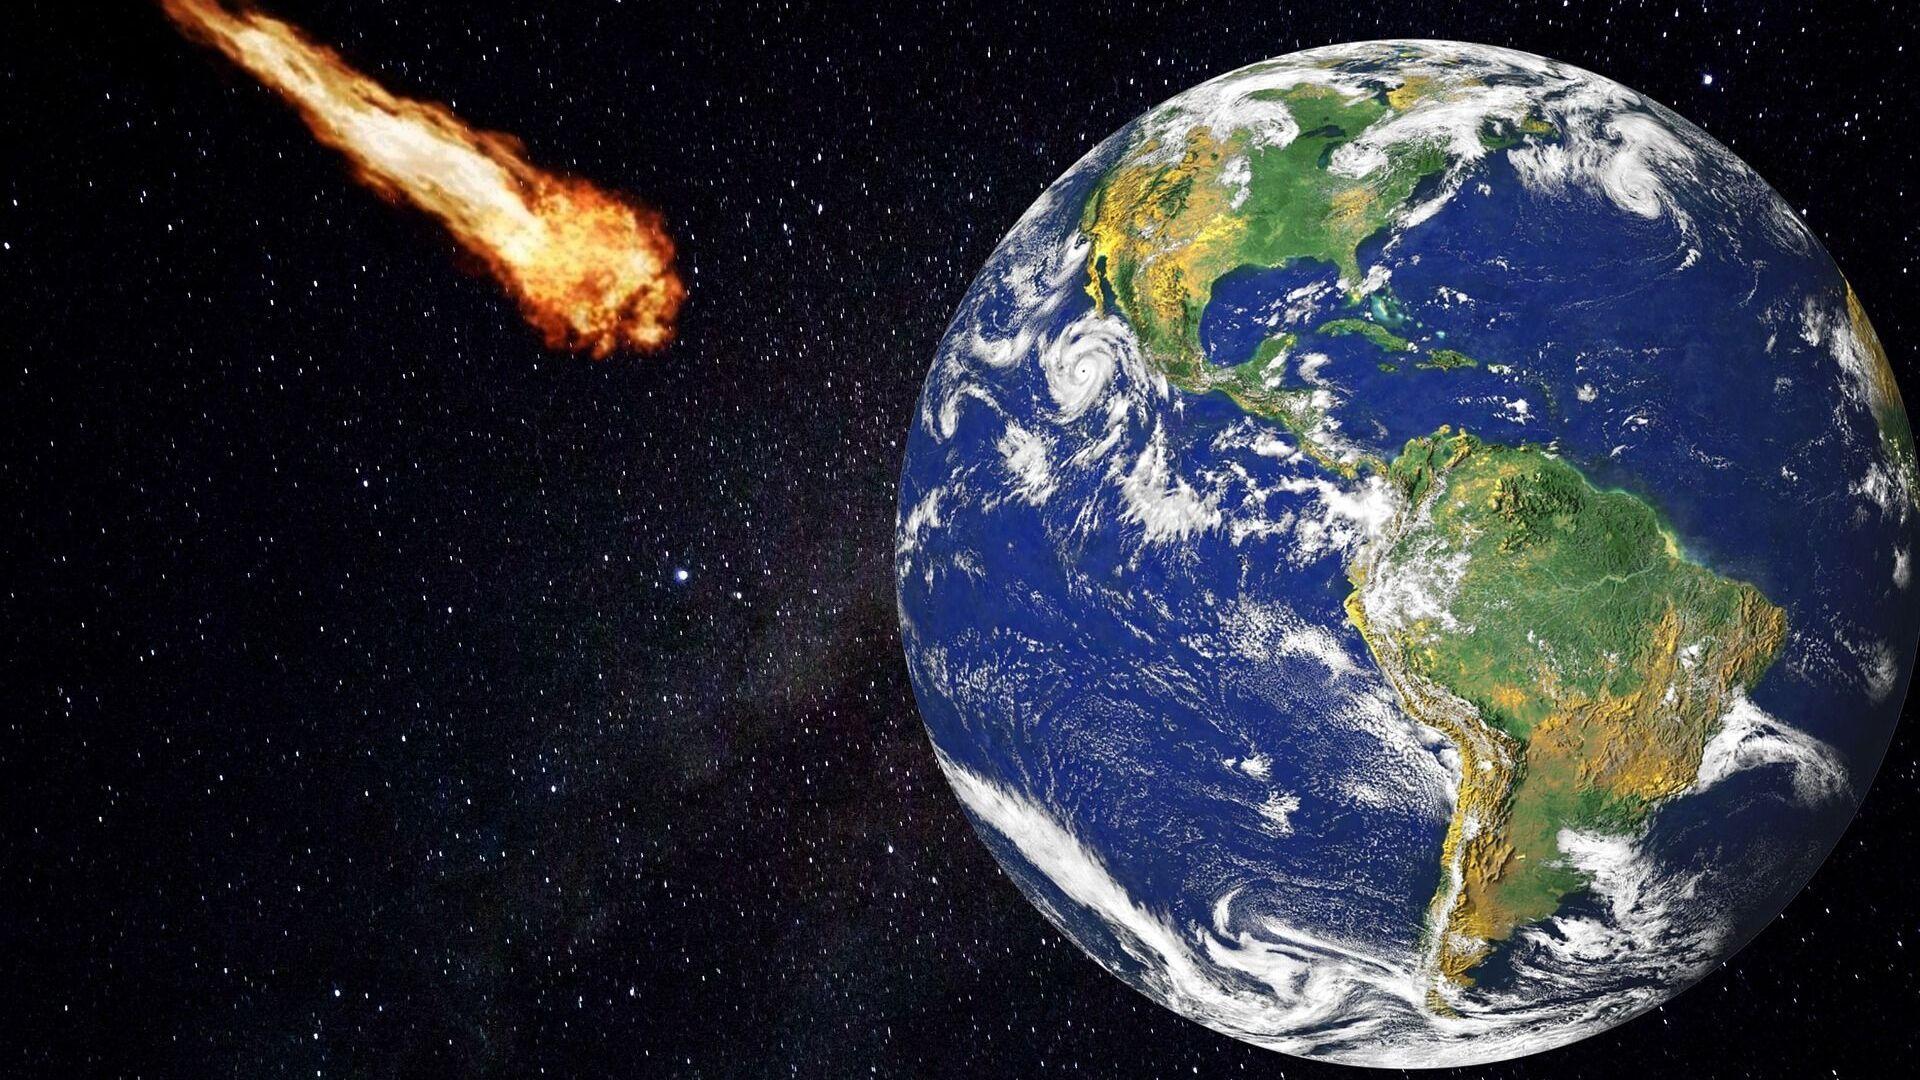 Un asteroide si sta dirigendo verso la Terra - Sputnik Italia, 1920, 08.07.2021